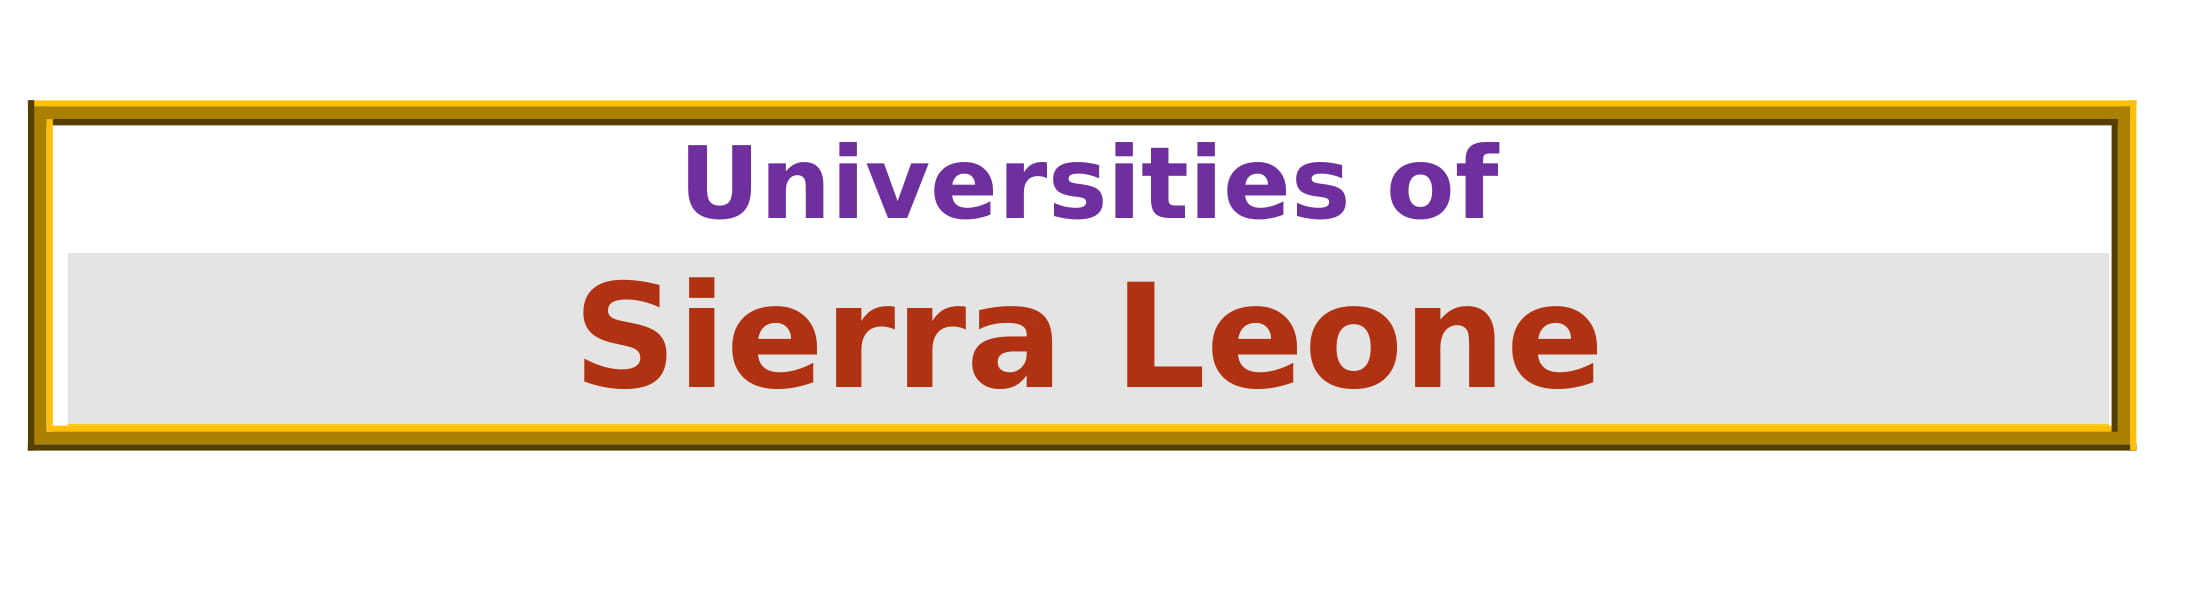 List of Universities in Sierra Leone